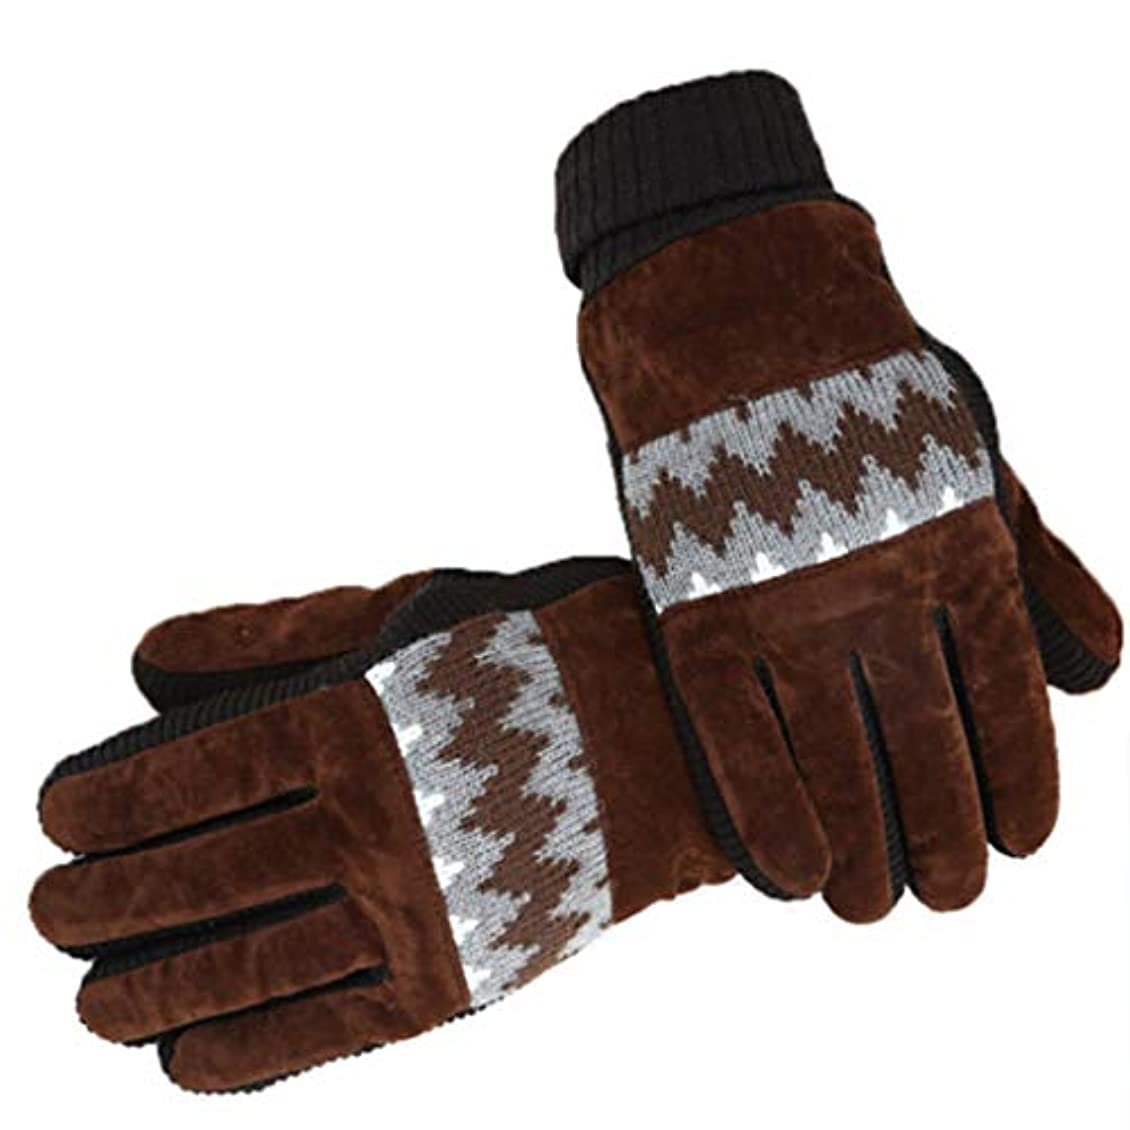 手袋の男性の冬プラスベルベット寒い暖かいサイクリング秋と冬の防風タッチスクリーンの綿手袋の水リップル黒 (色 : Brown)